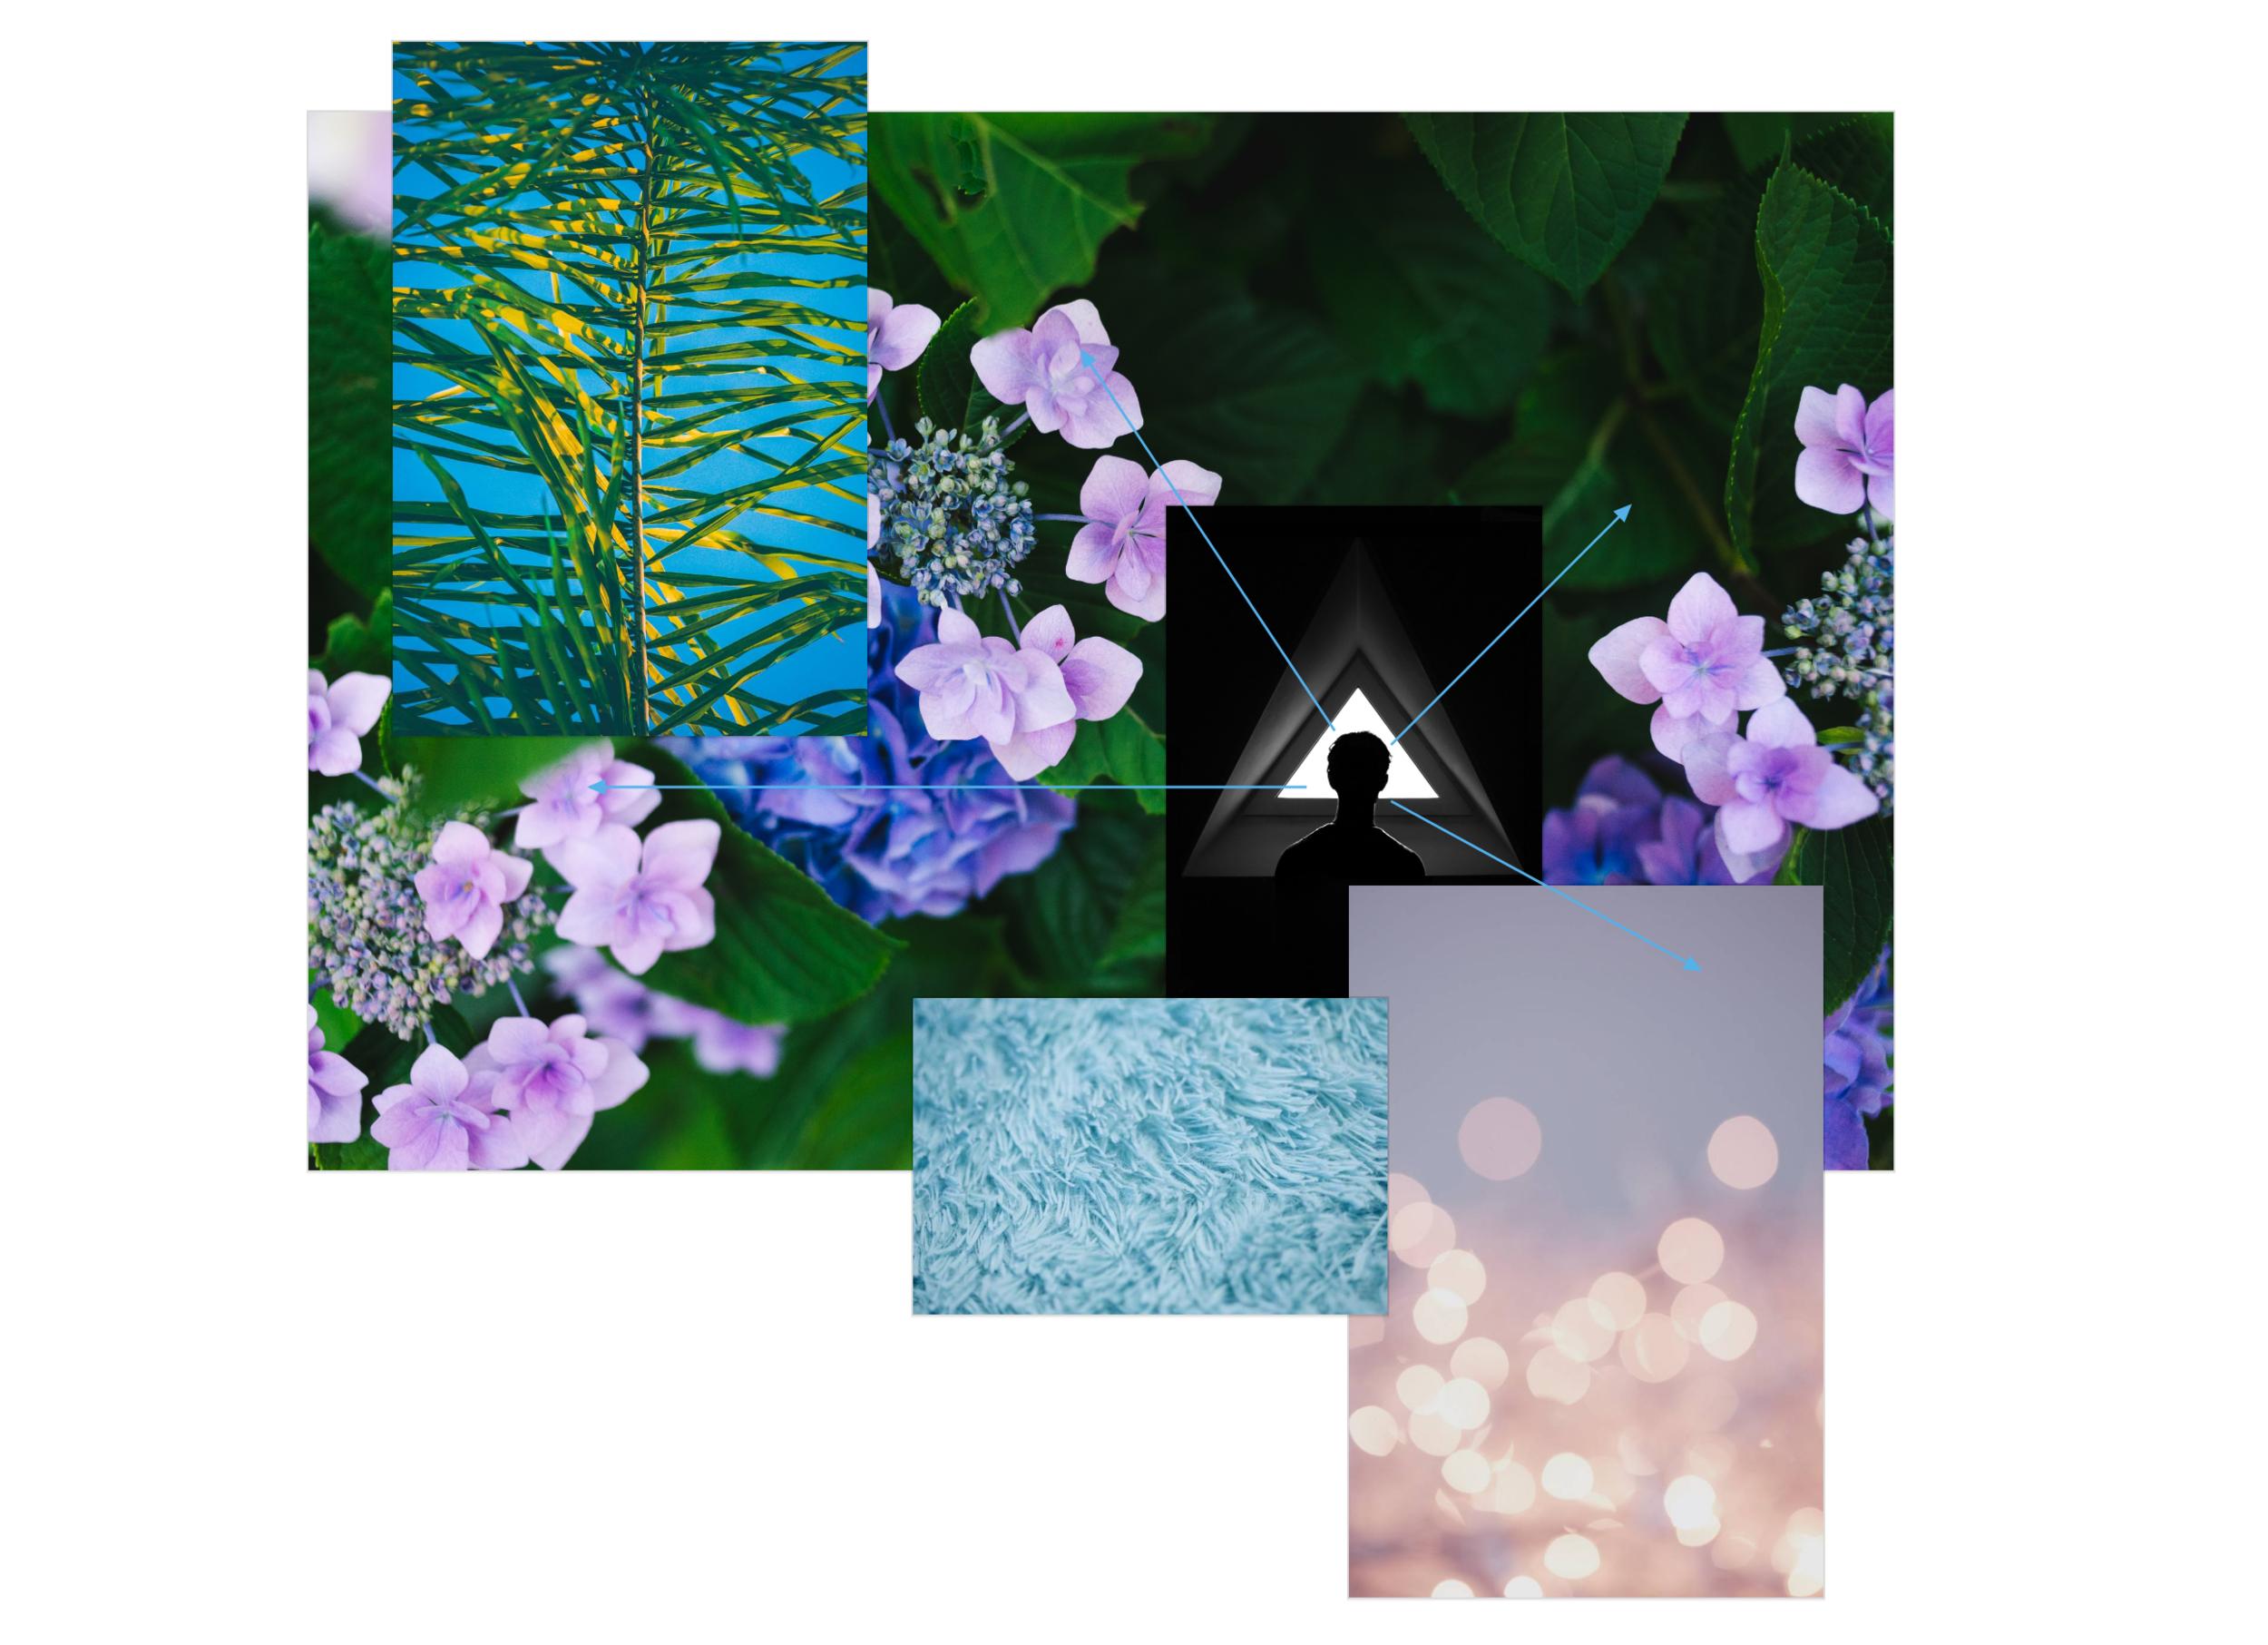 export-flowerscape-1GlsDr.png